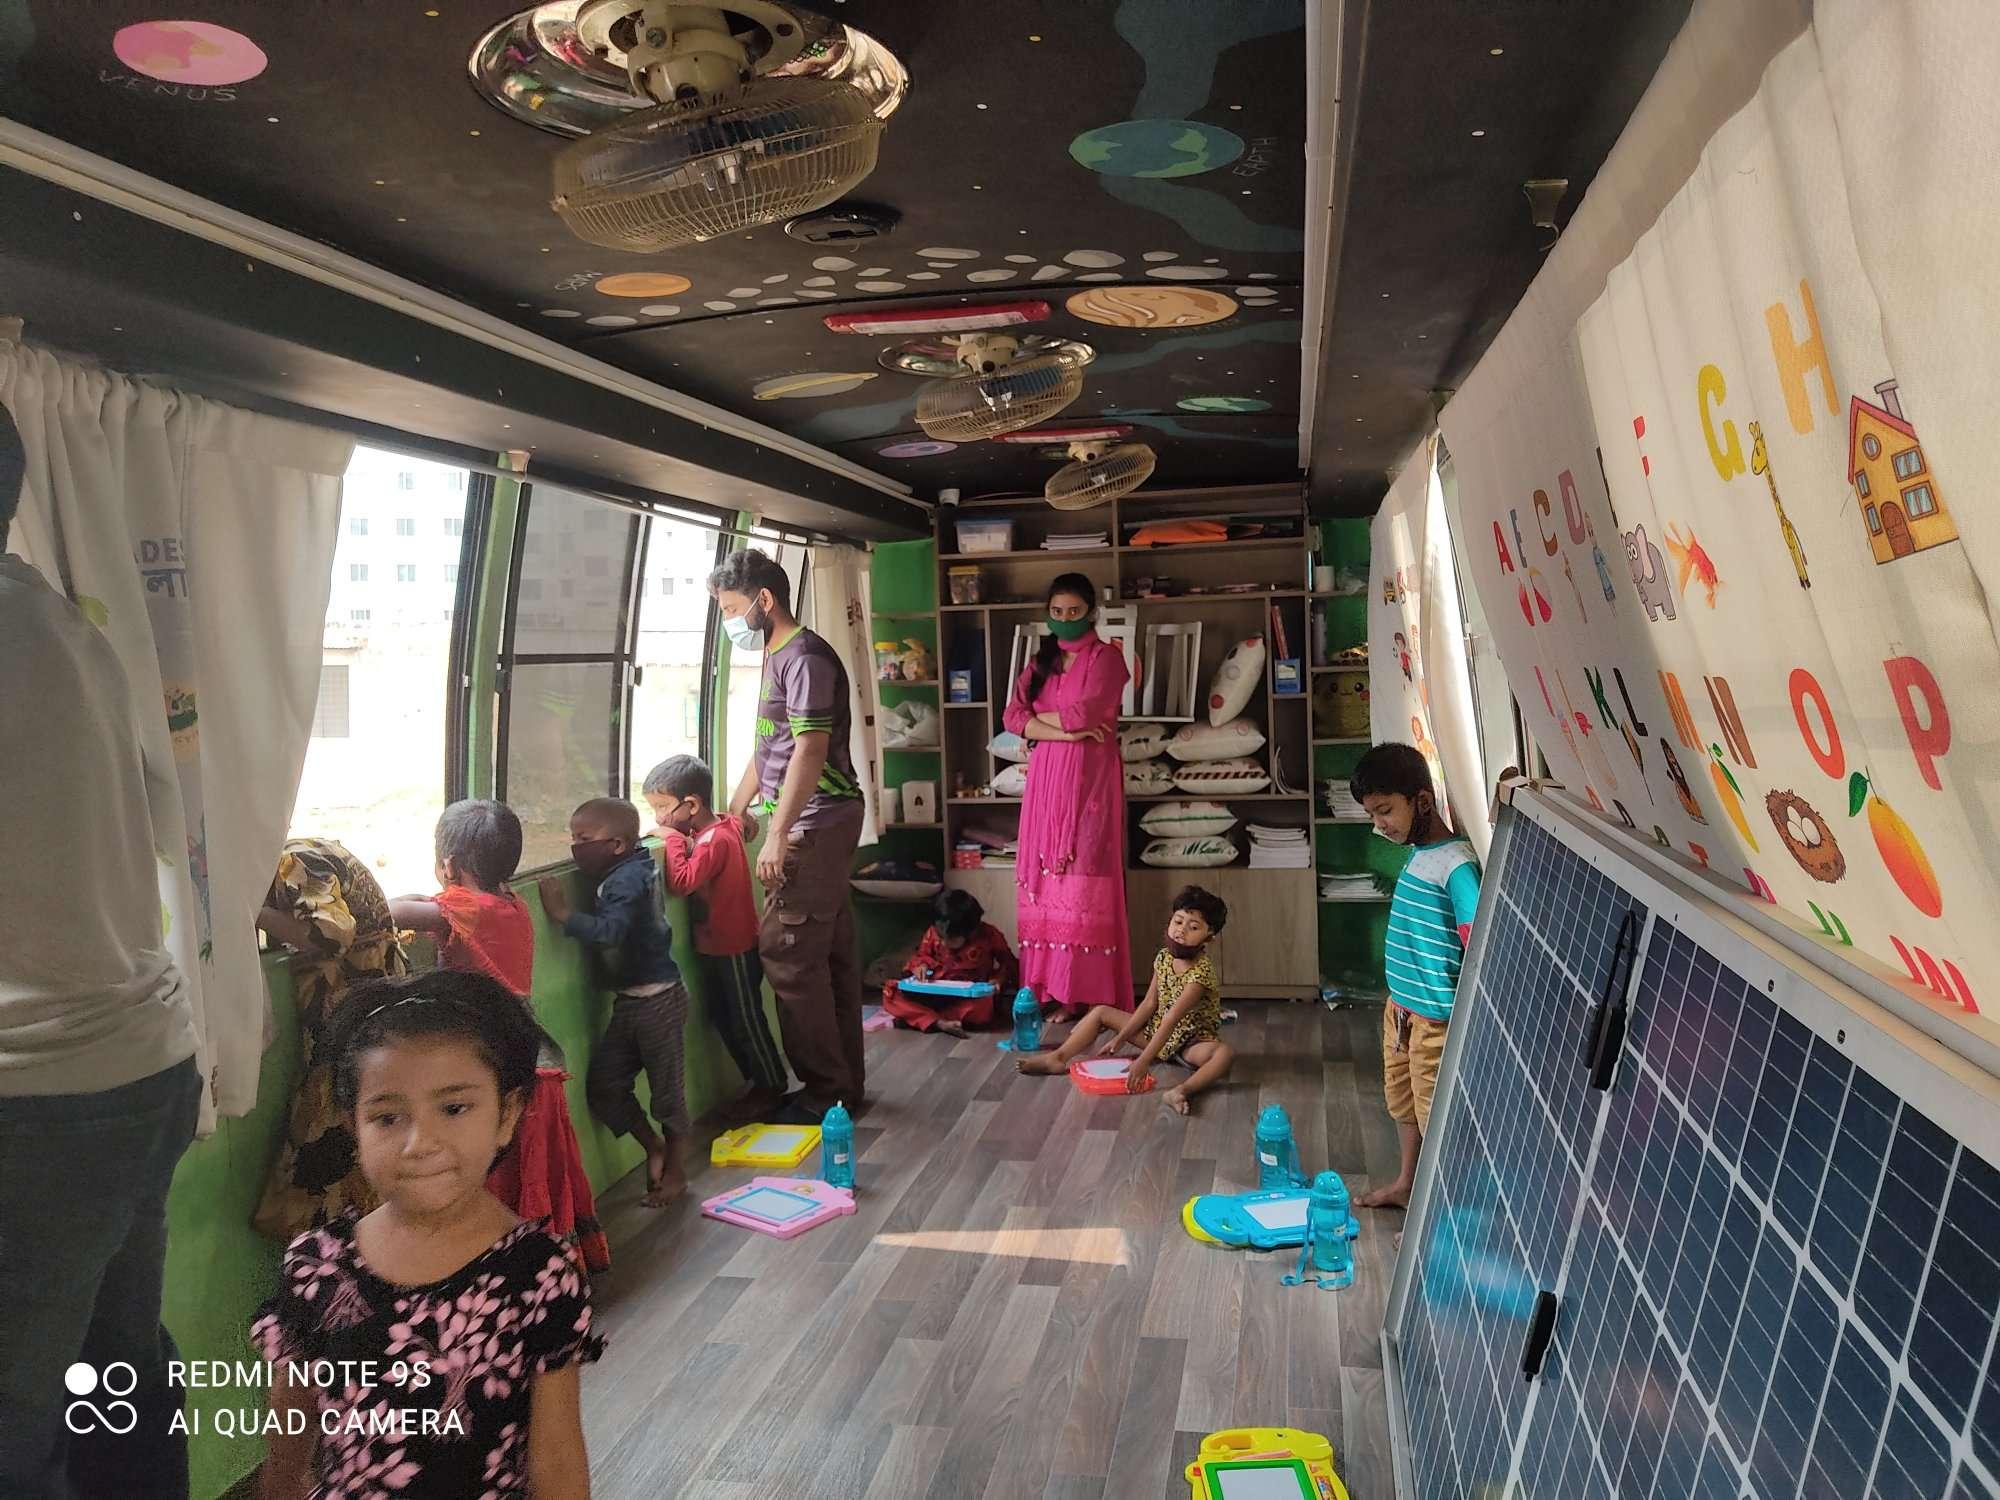 バスの中の教室の様子